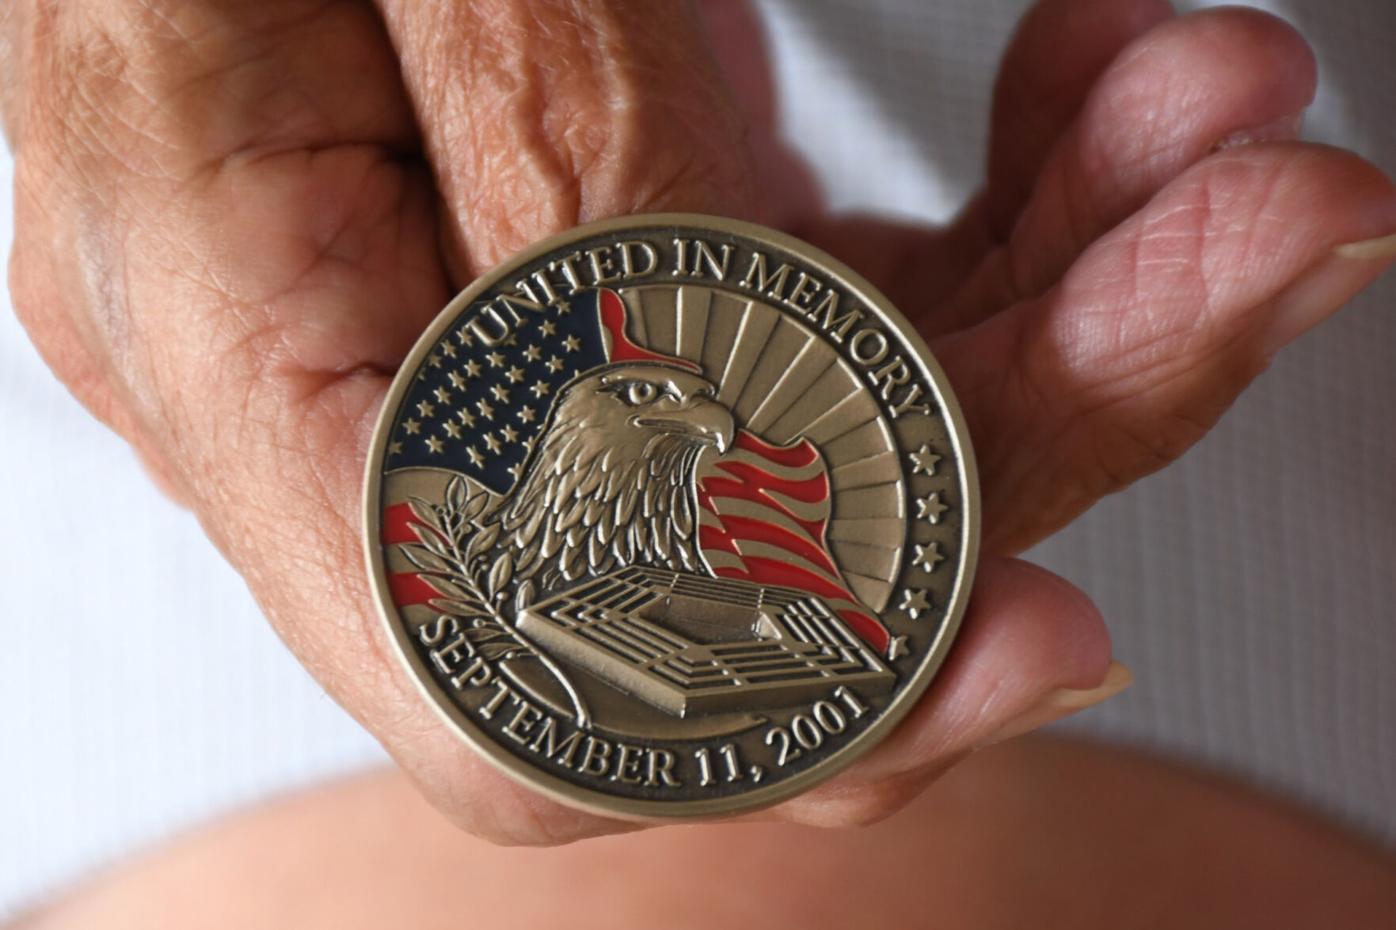 front side of medal